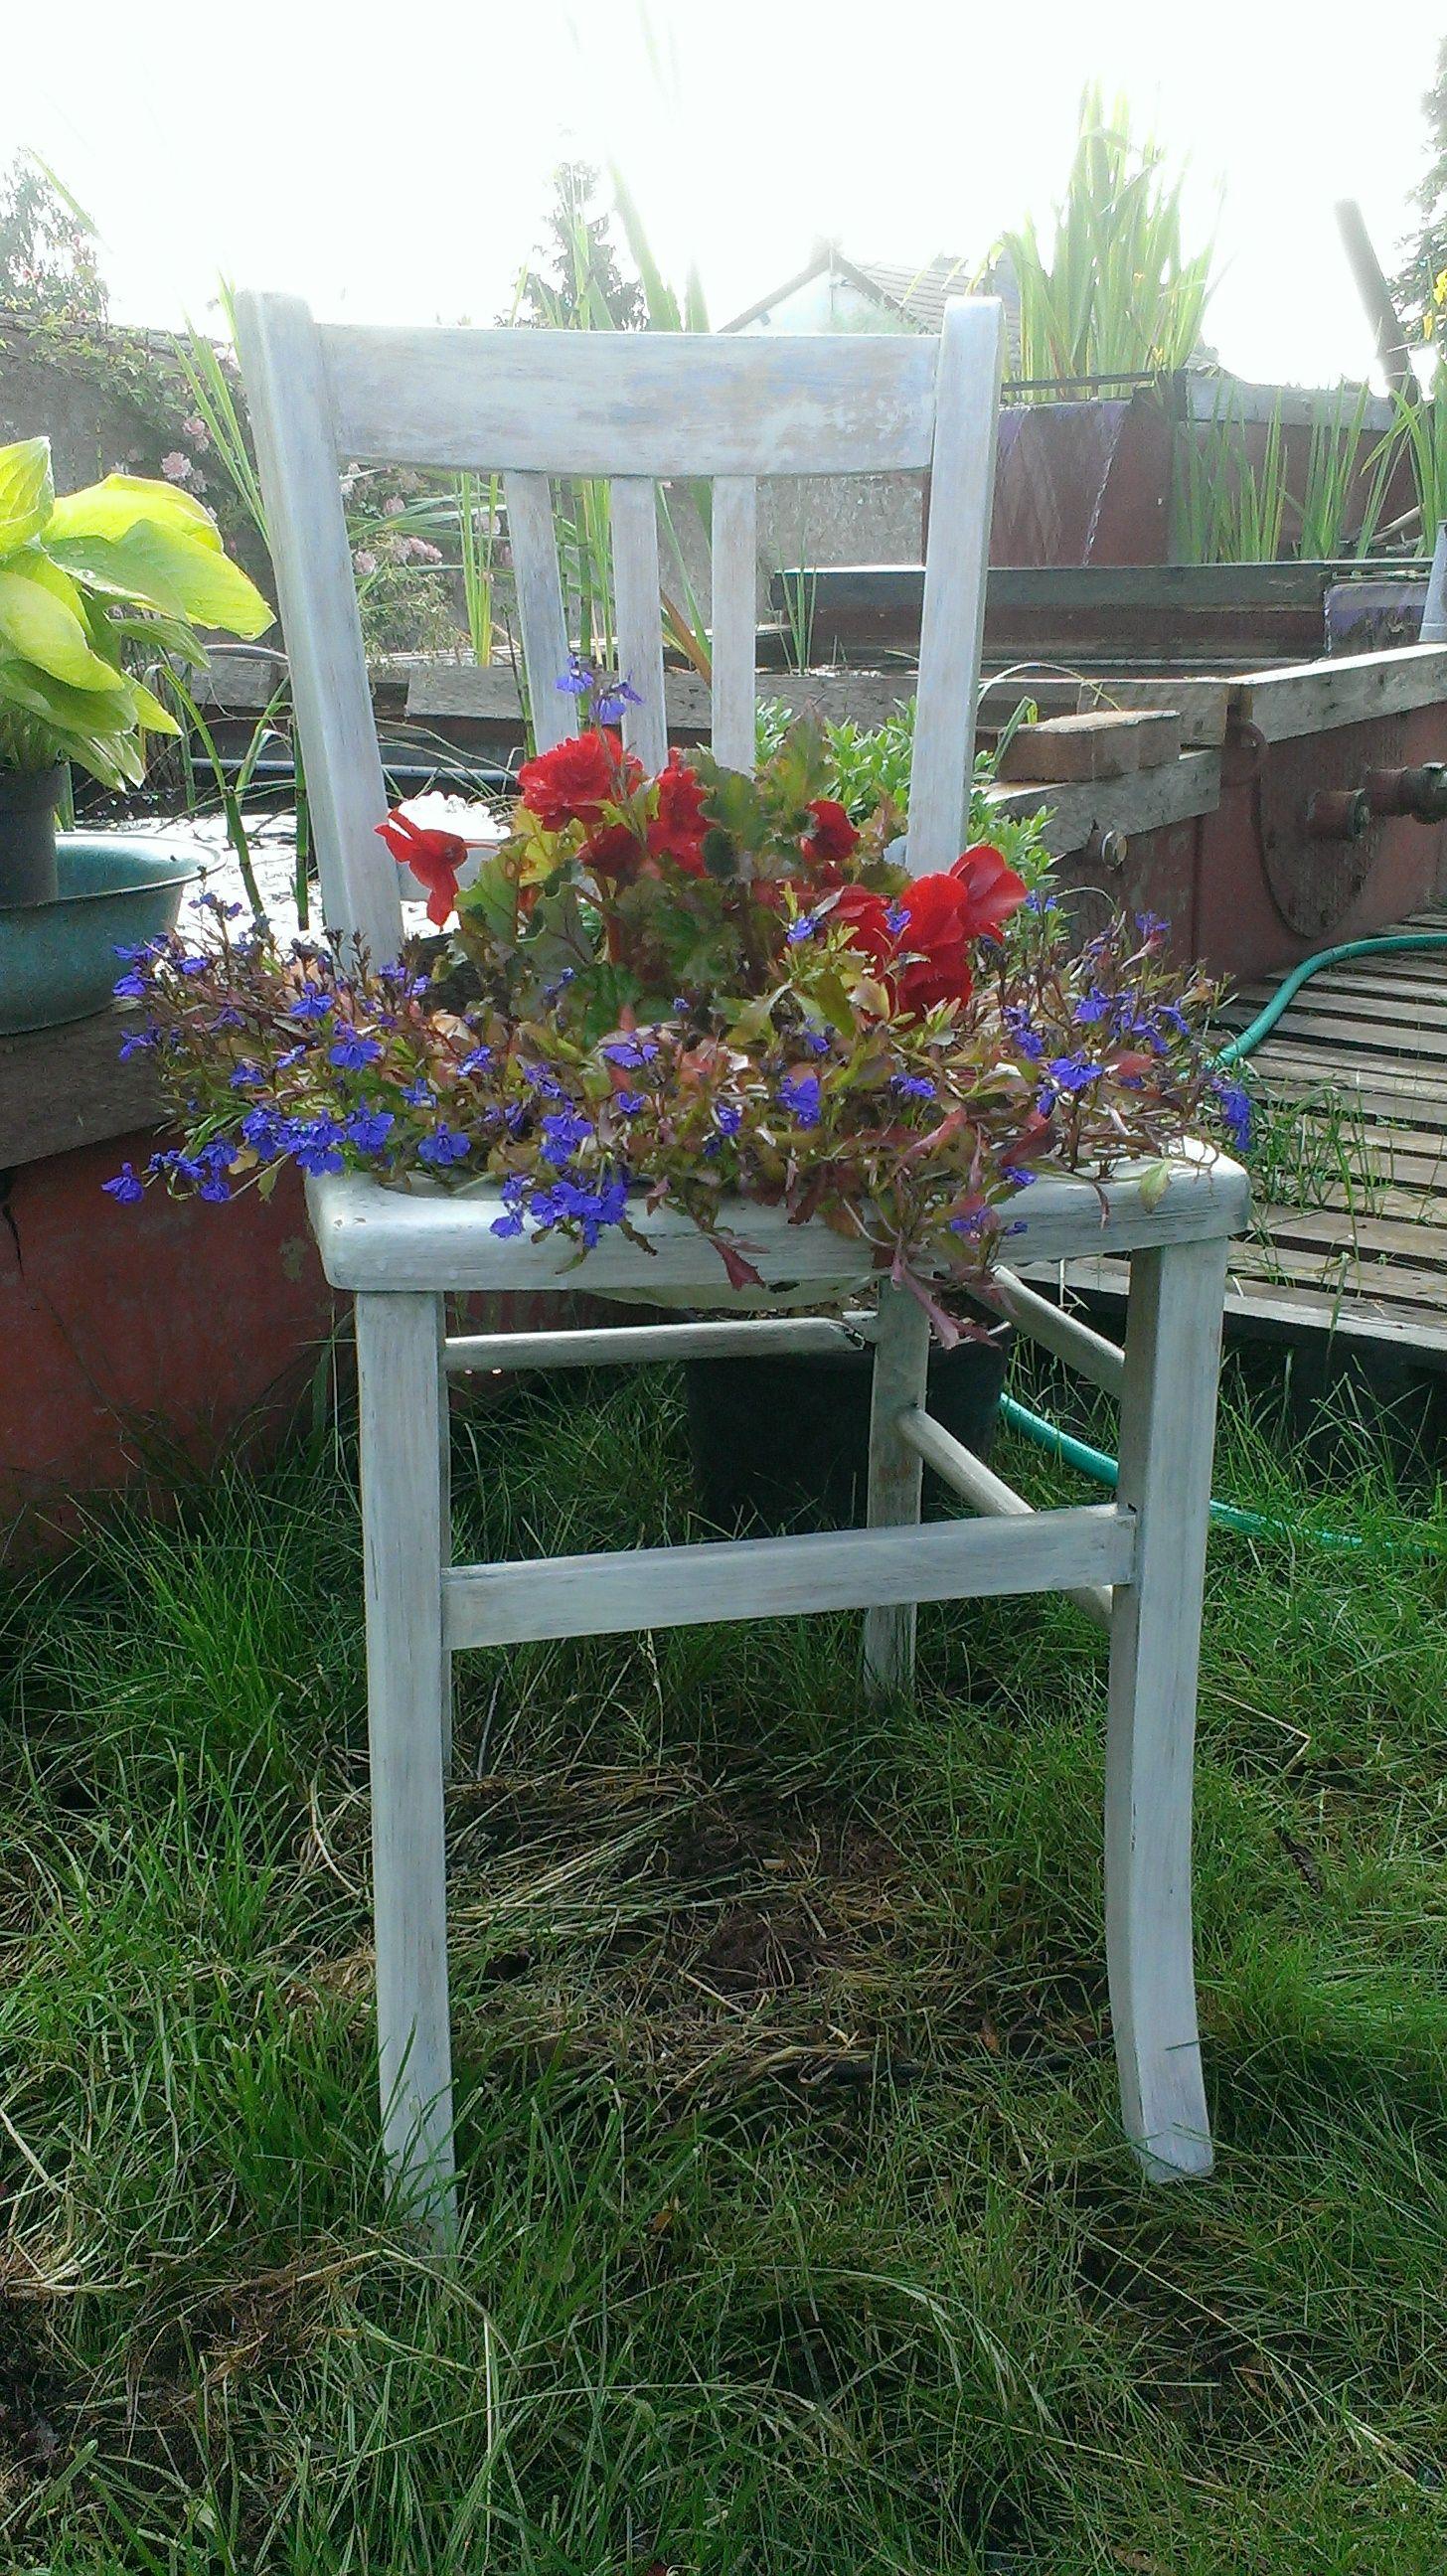 Une chaise perc e une bassine maill e des fleurs en - Objets decoration jardin exterieur ...